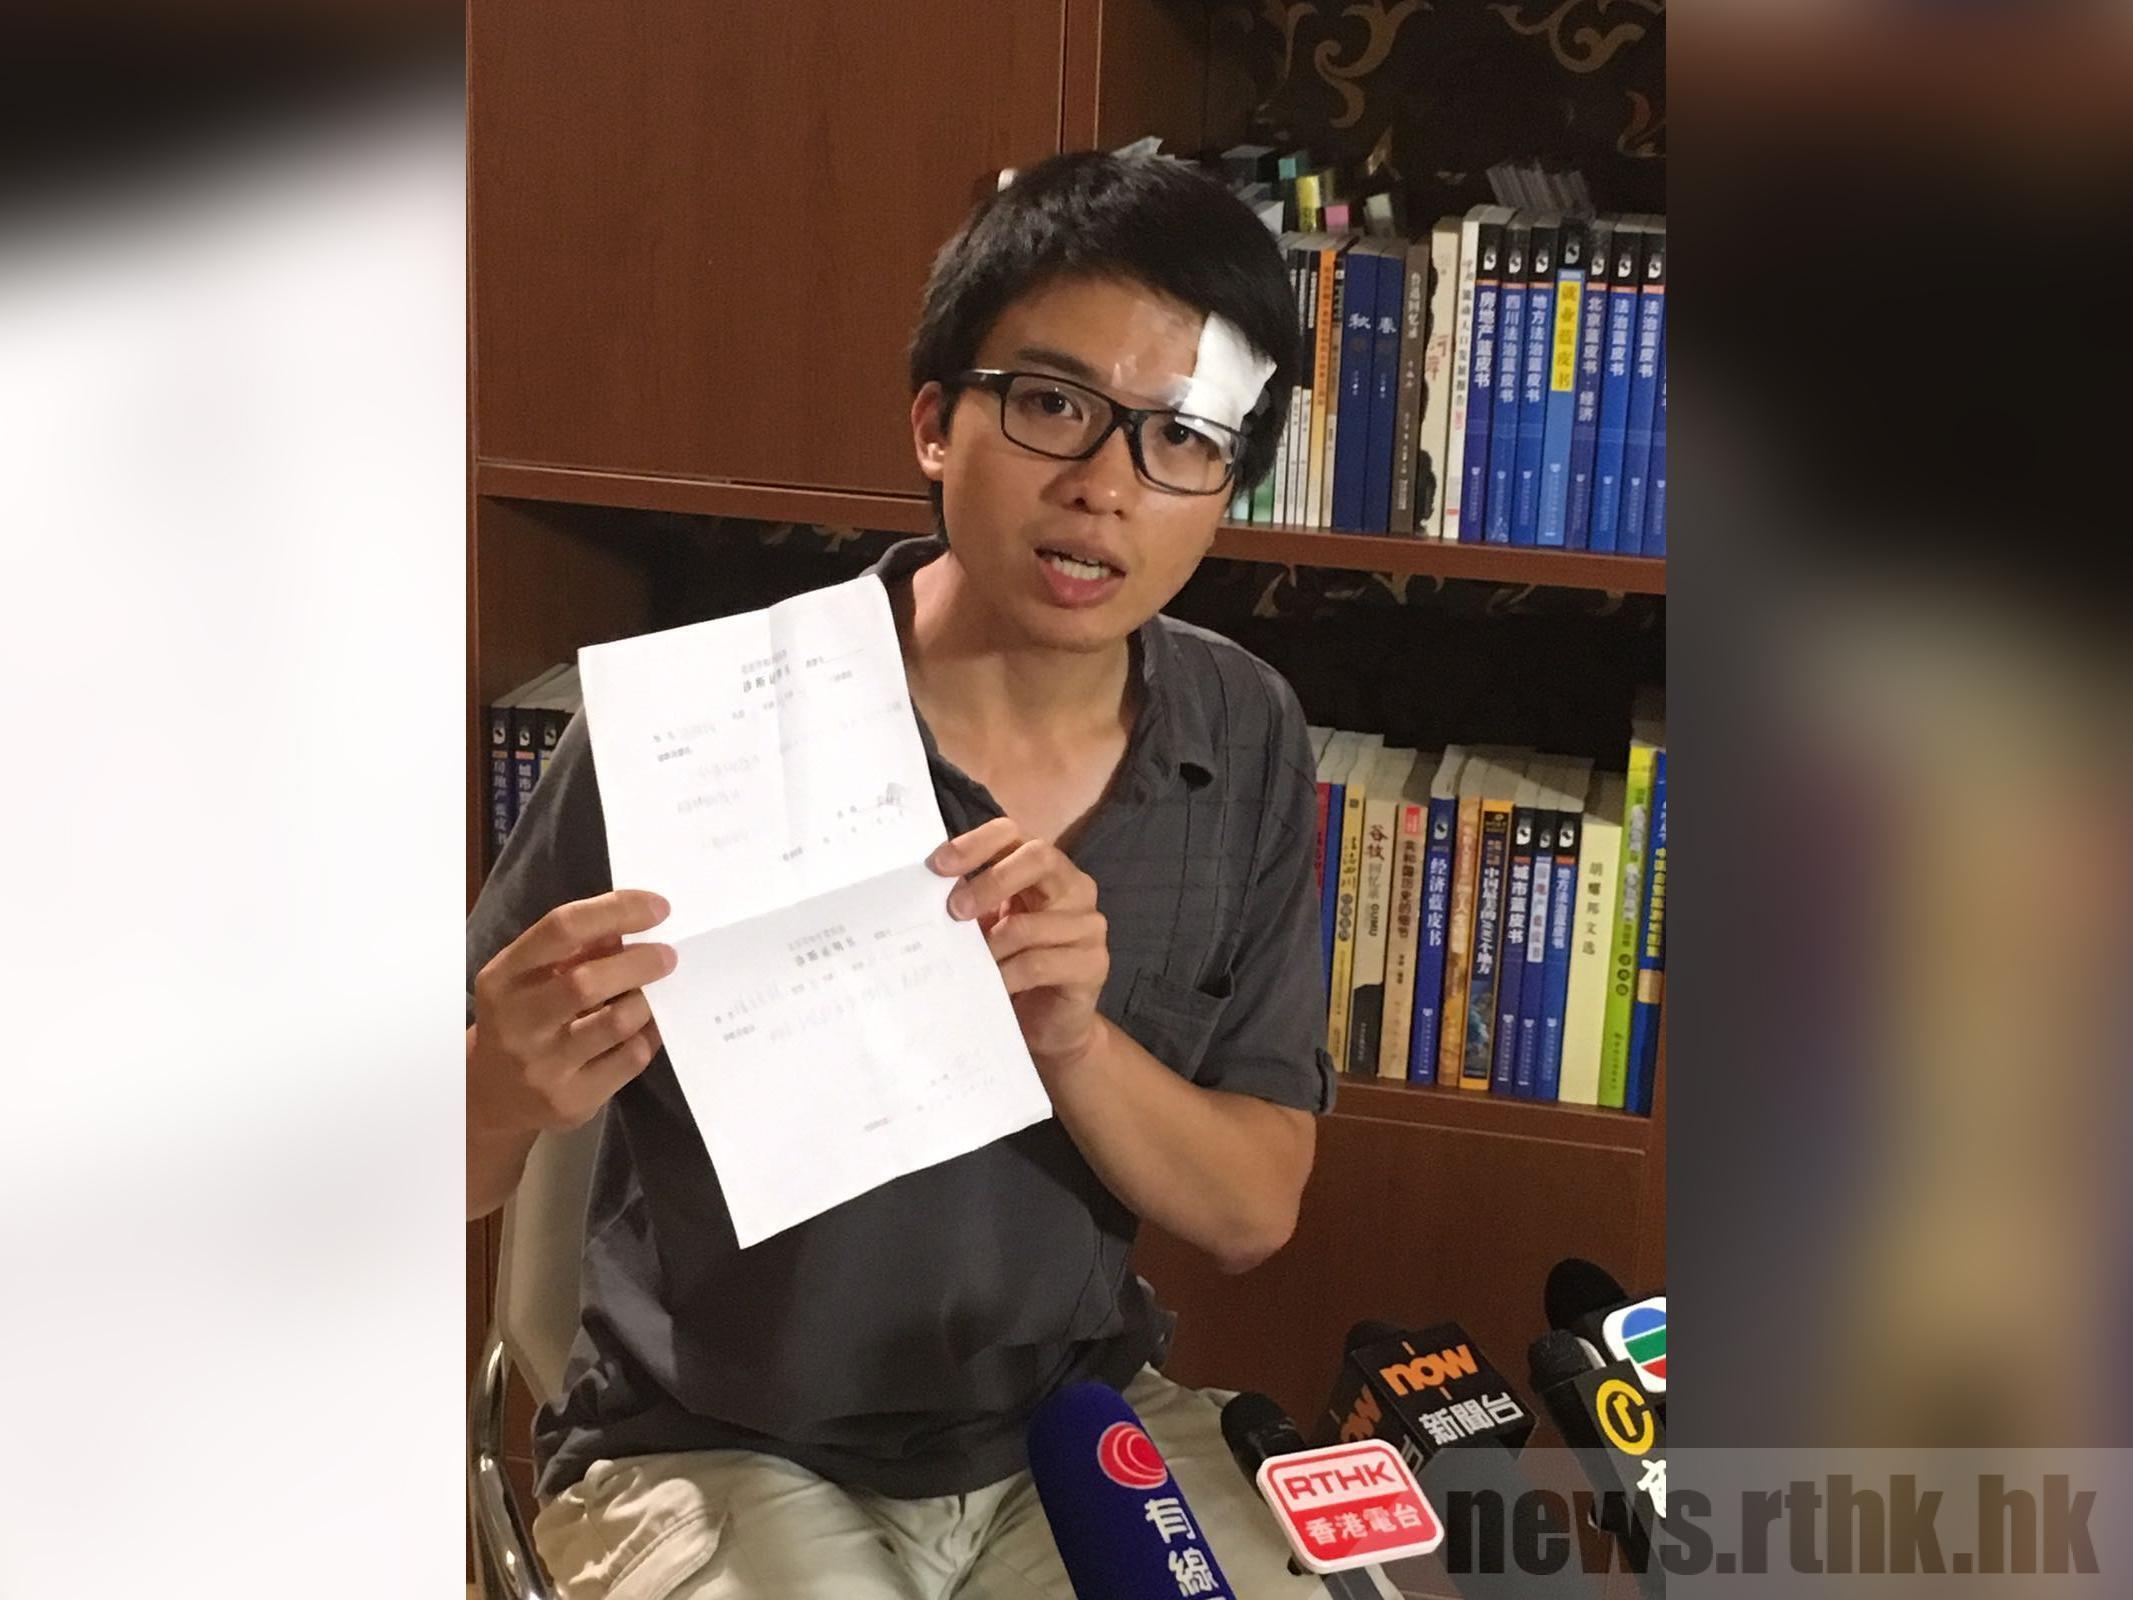 香港Now新闻台驻北京摄影记者徐骏铭采访时遭到便衣人员和警员殴打